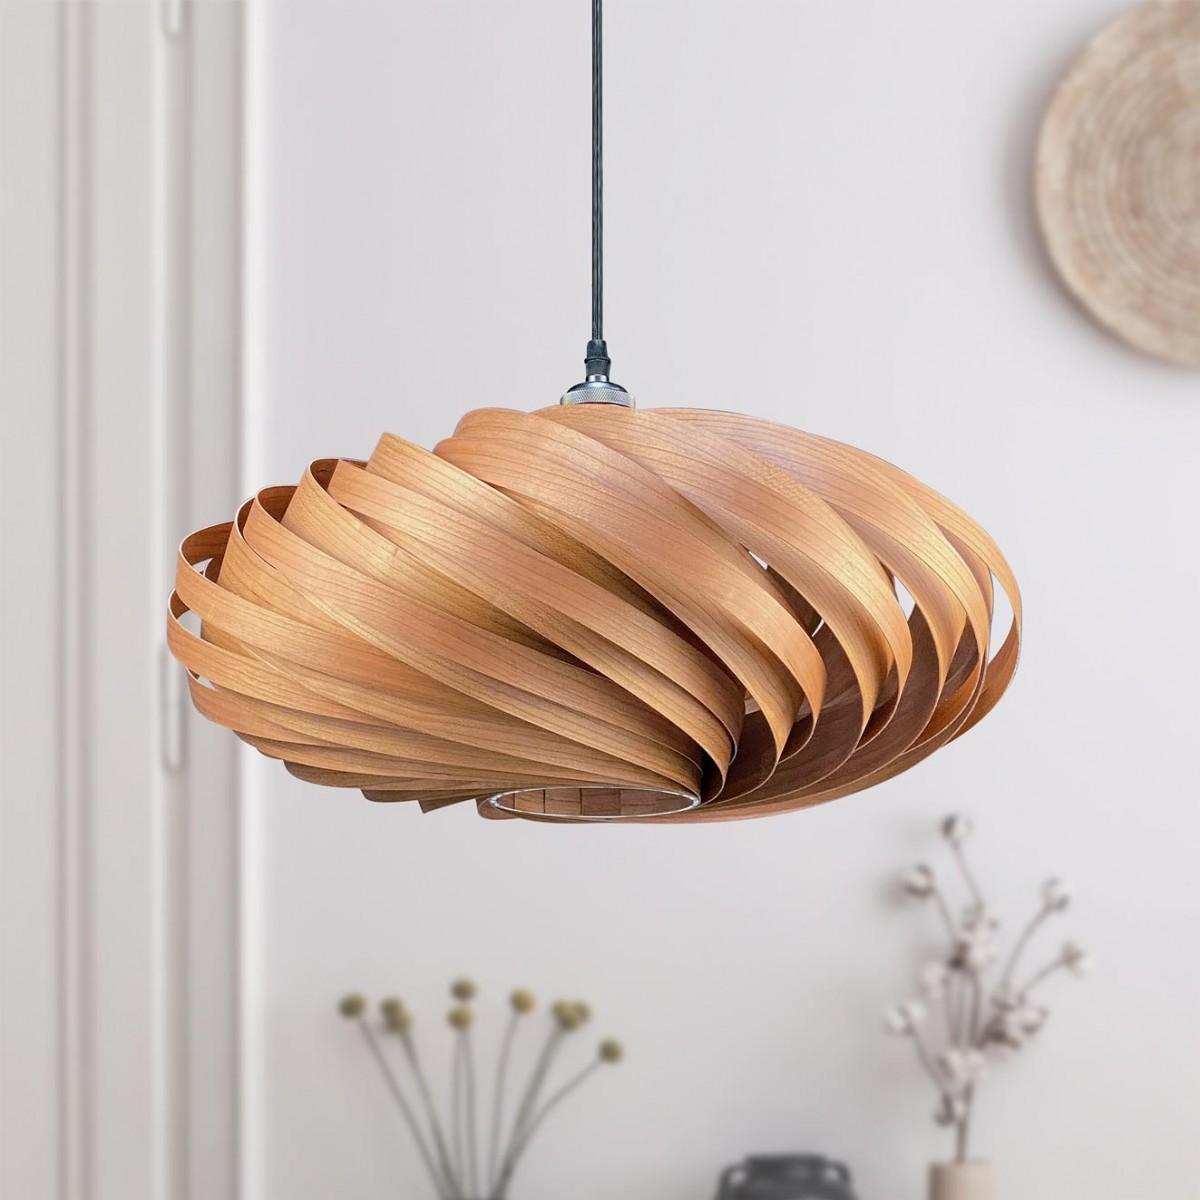 Gofurnit Hängeleuchte 'Veneria' aus Kirschbaumholz, handgefertigt in Köln